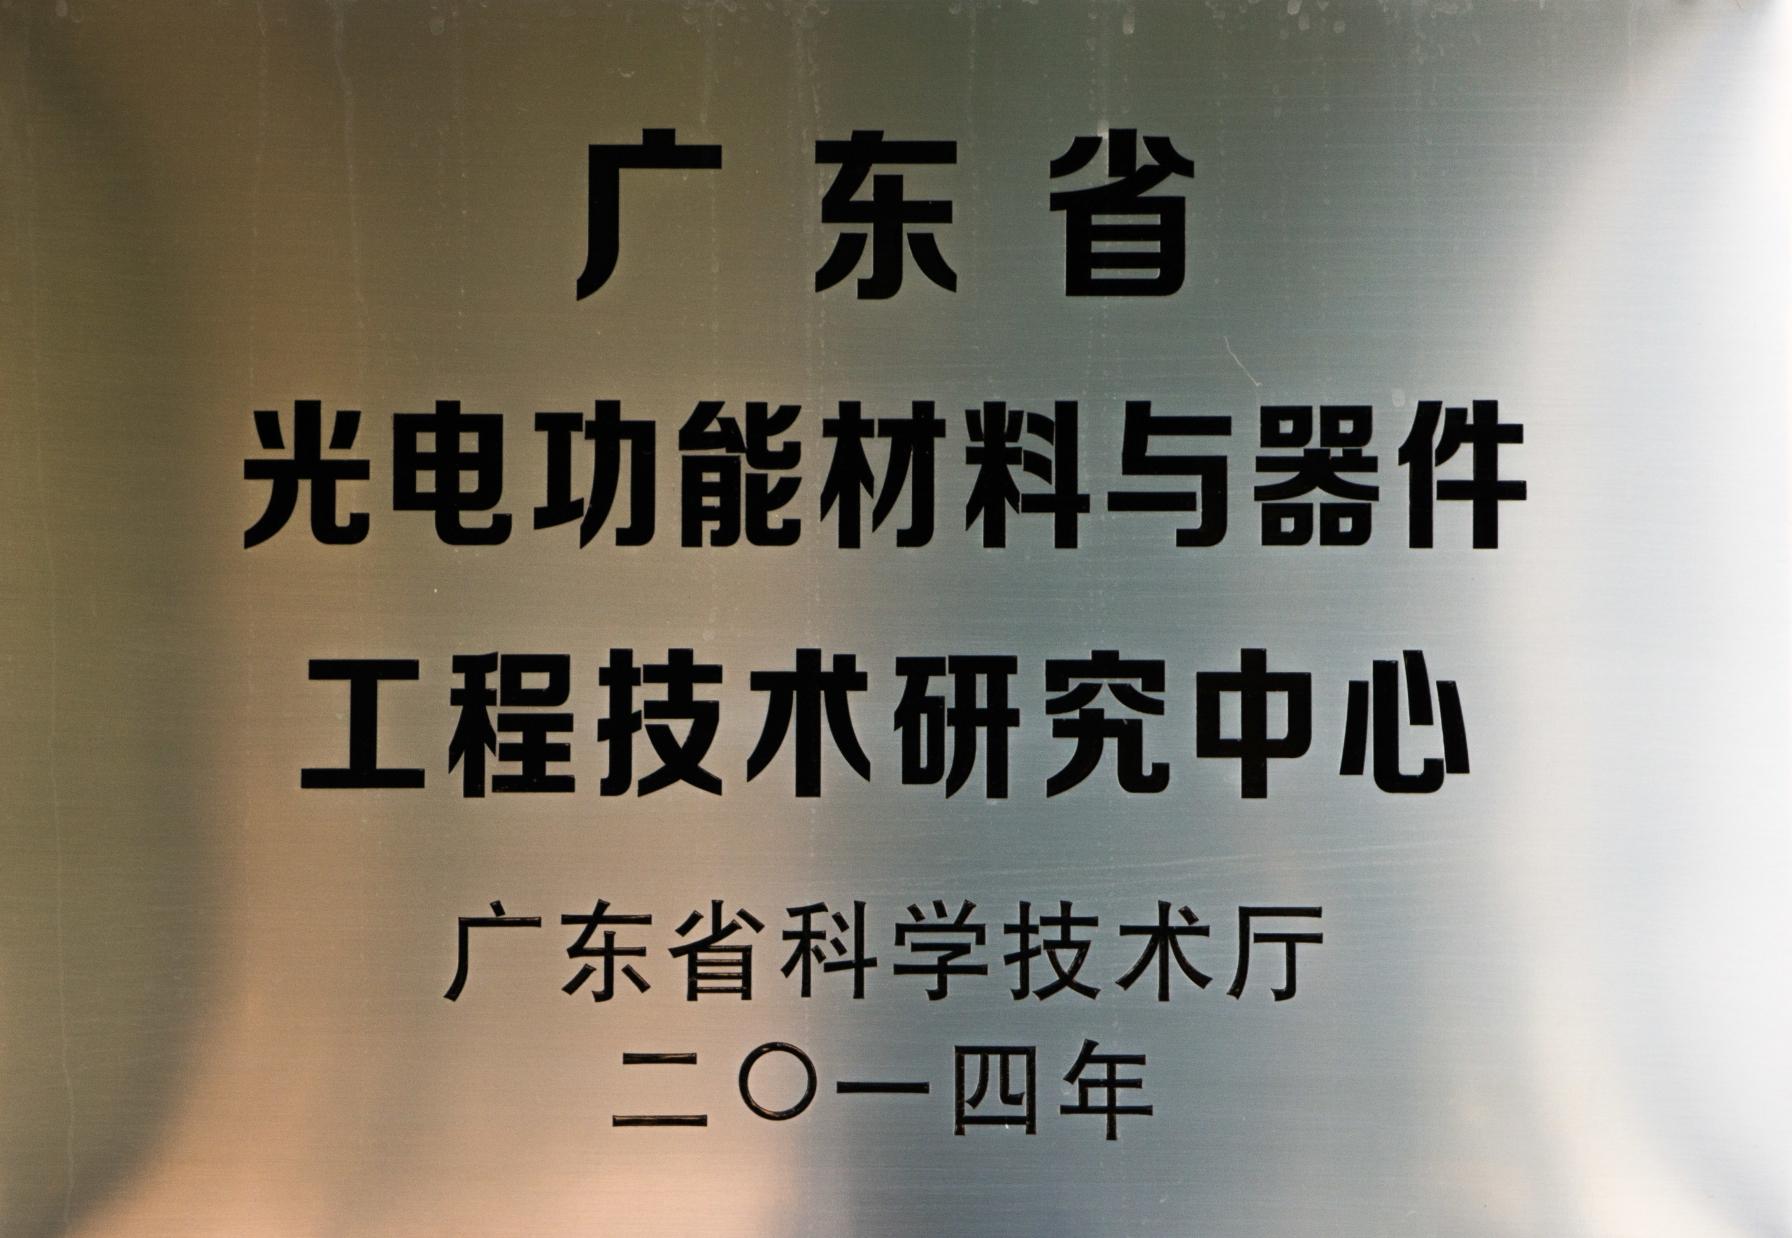 光电功能材料与器件工程技术研究中心.jpg